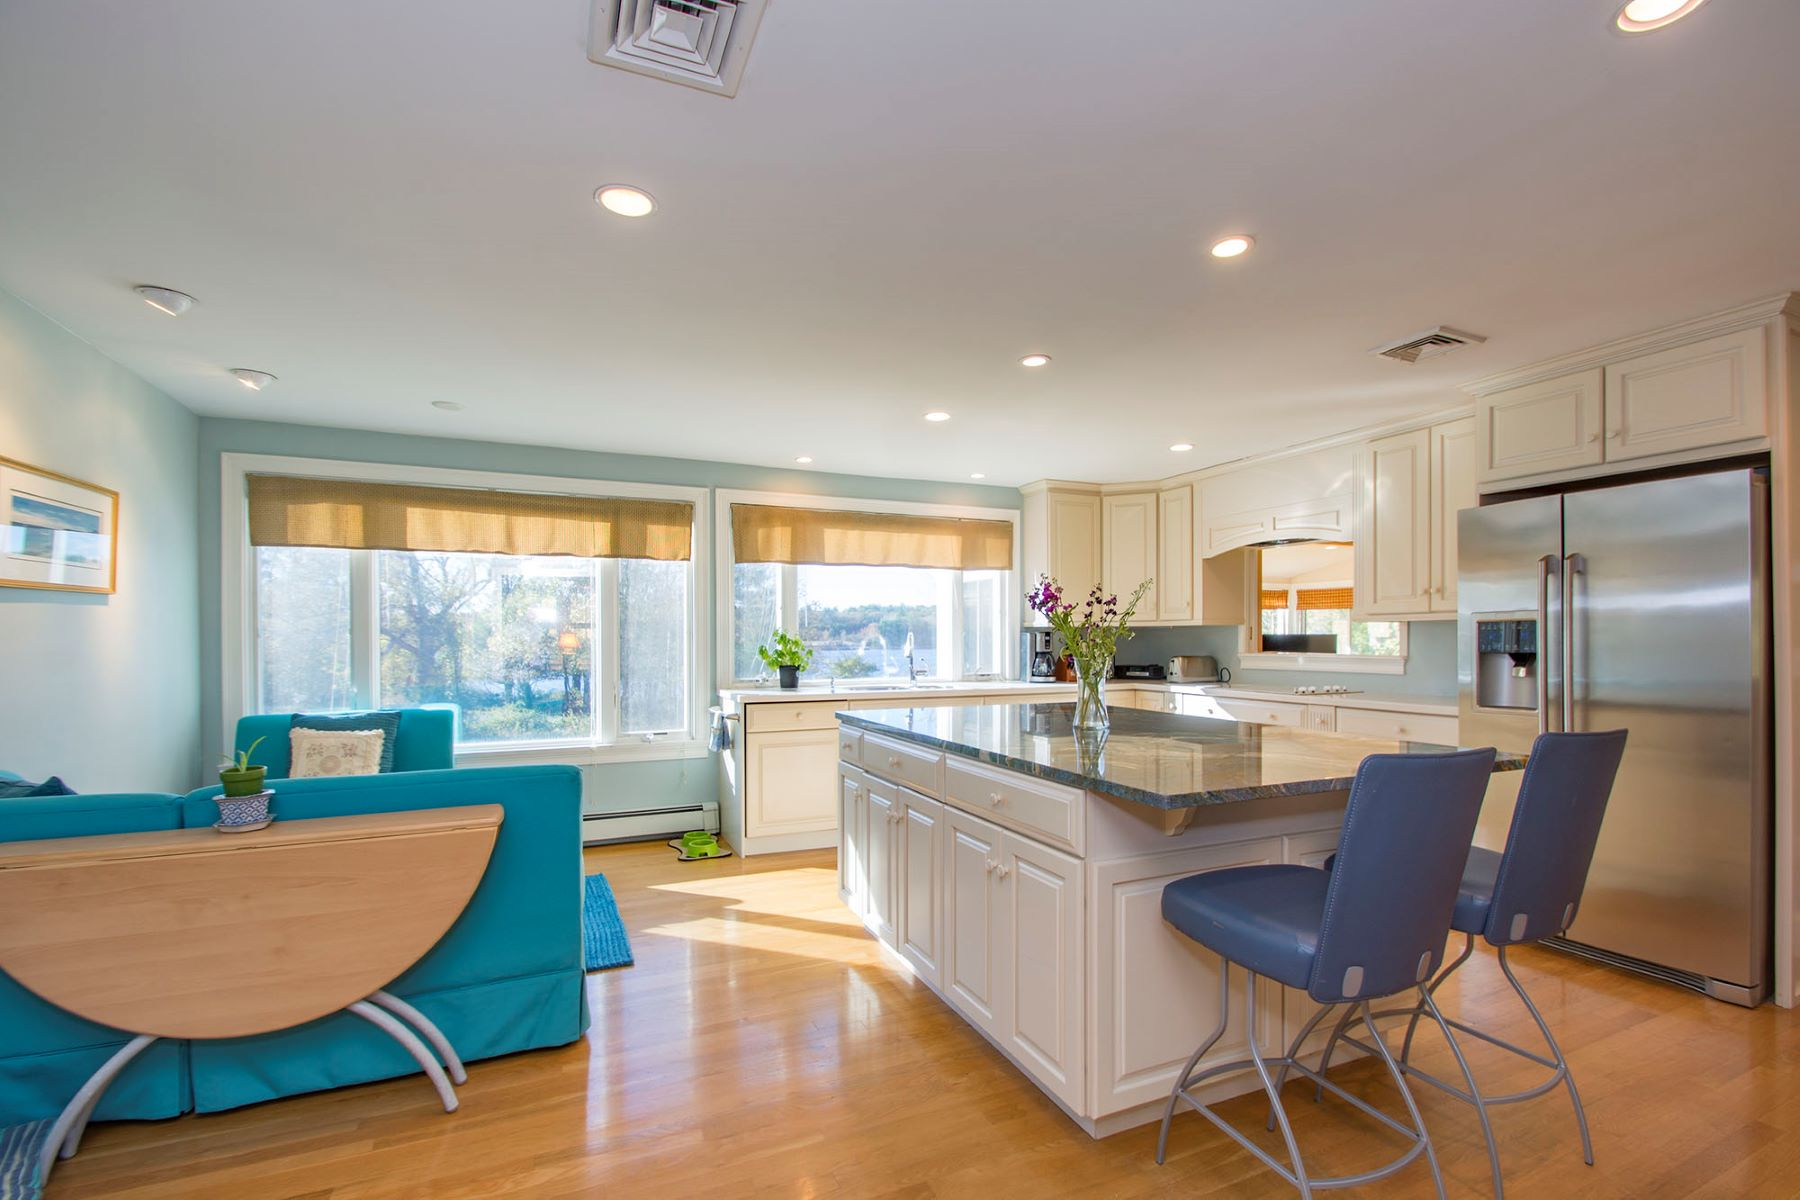 一戸建て のために 売買 アット Views of Cohasset's Lilly Pond 439 King Street, Cohasset, マサチューセッツ, 02025 アメリカ合衆国